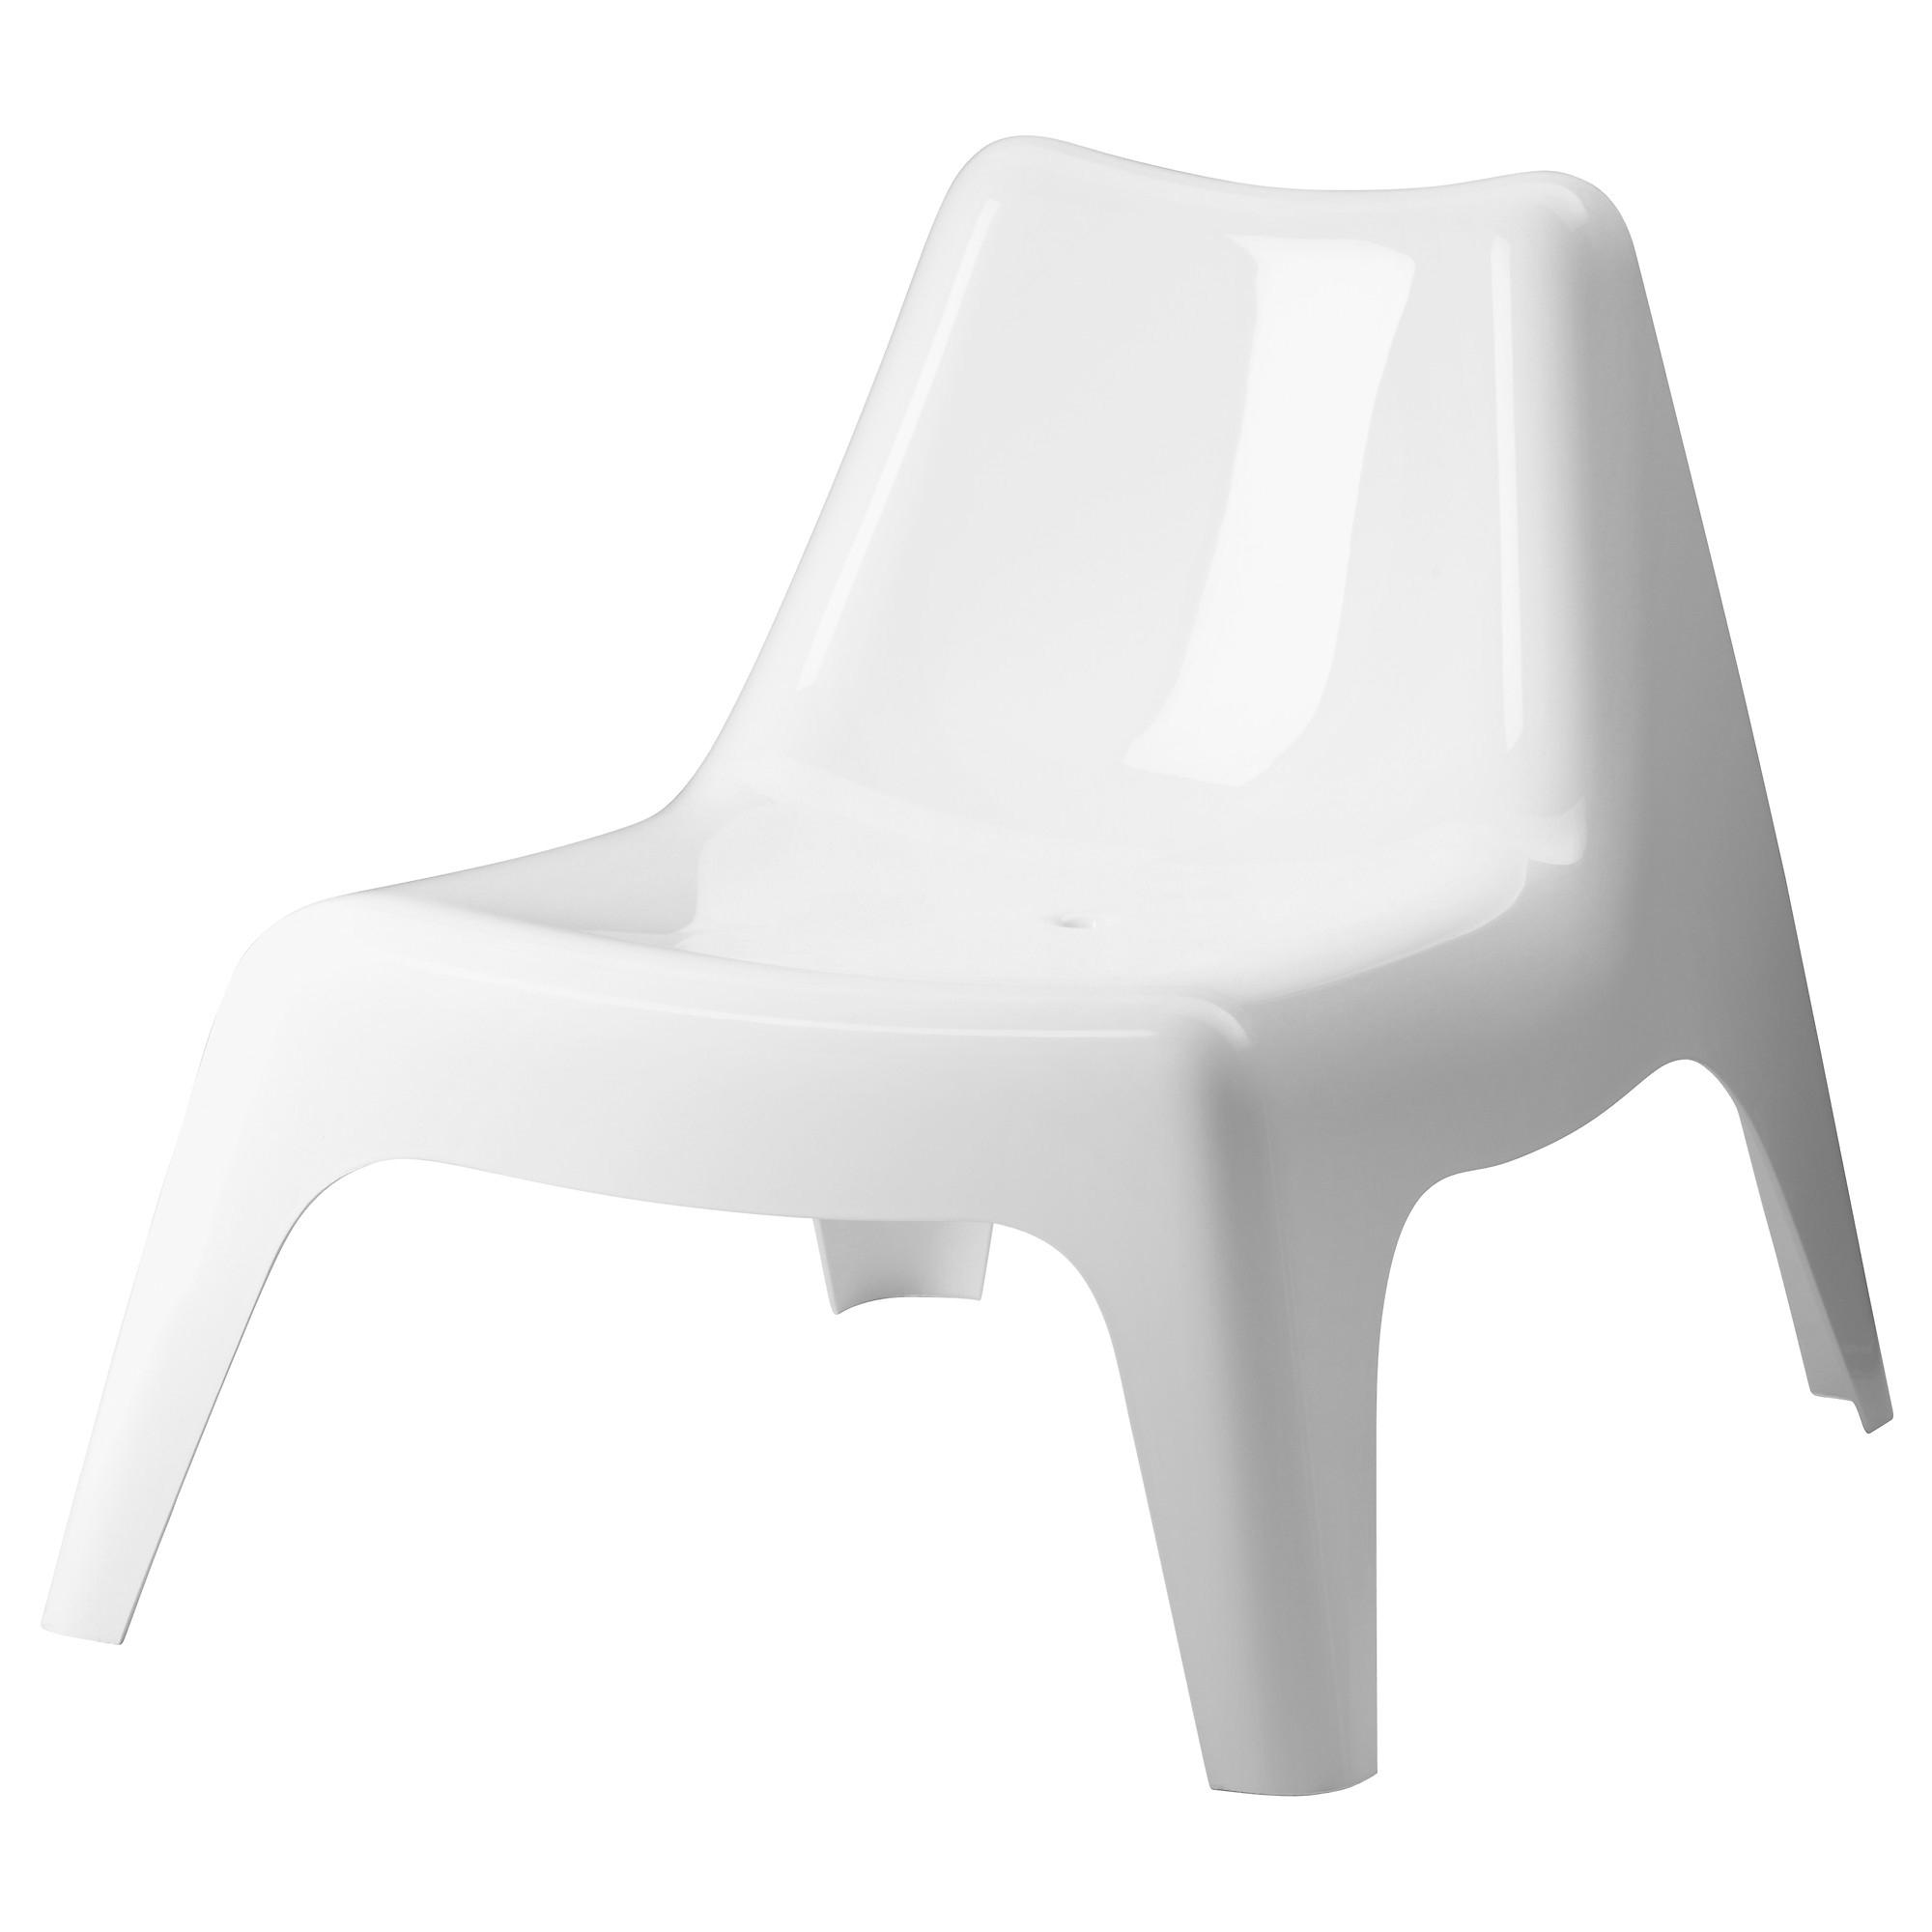 Rocking Chair Exterieur Ikea Impressionnant Photographie Chaise D Extérieur Skateway